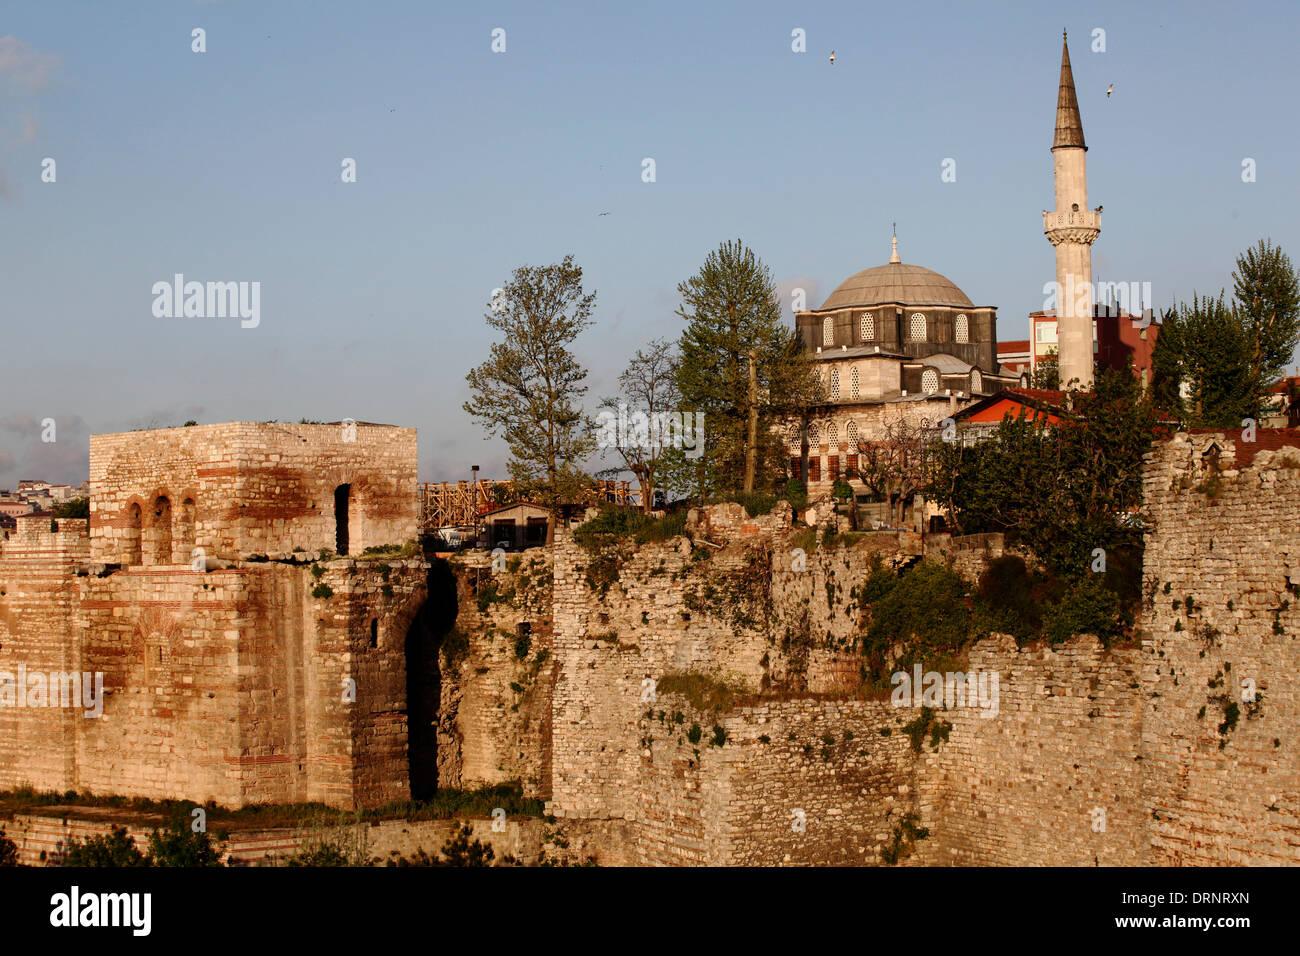 Storica fortezza di Istanbul in Turchia Immagini Stock